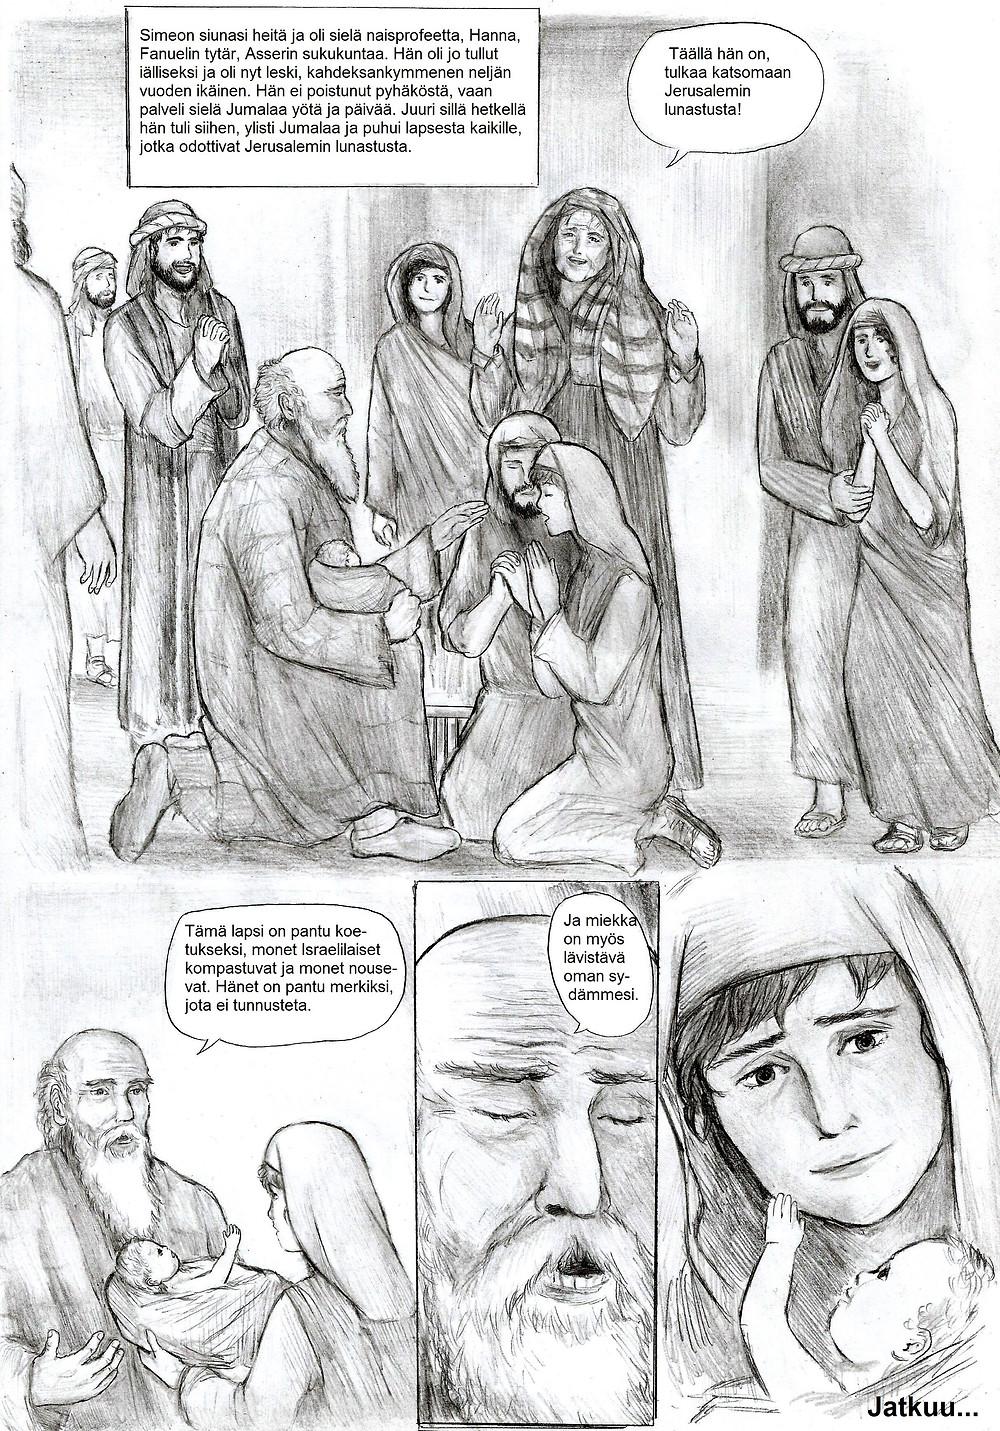 Temppelissä oli myös naisprofeetta Hanna, joka ylisti Herraa ja kertoi kaikille temppelissä kävijöille Jeesuksen syntymästä. Myös Simeon ylisti Herraa ja profetoi Jeesuksen kohtalosta.